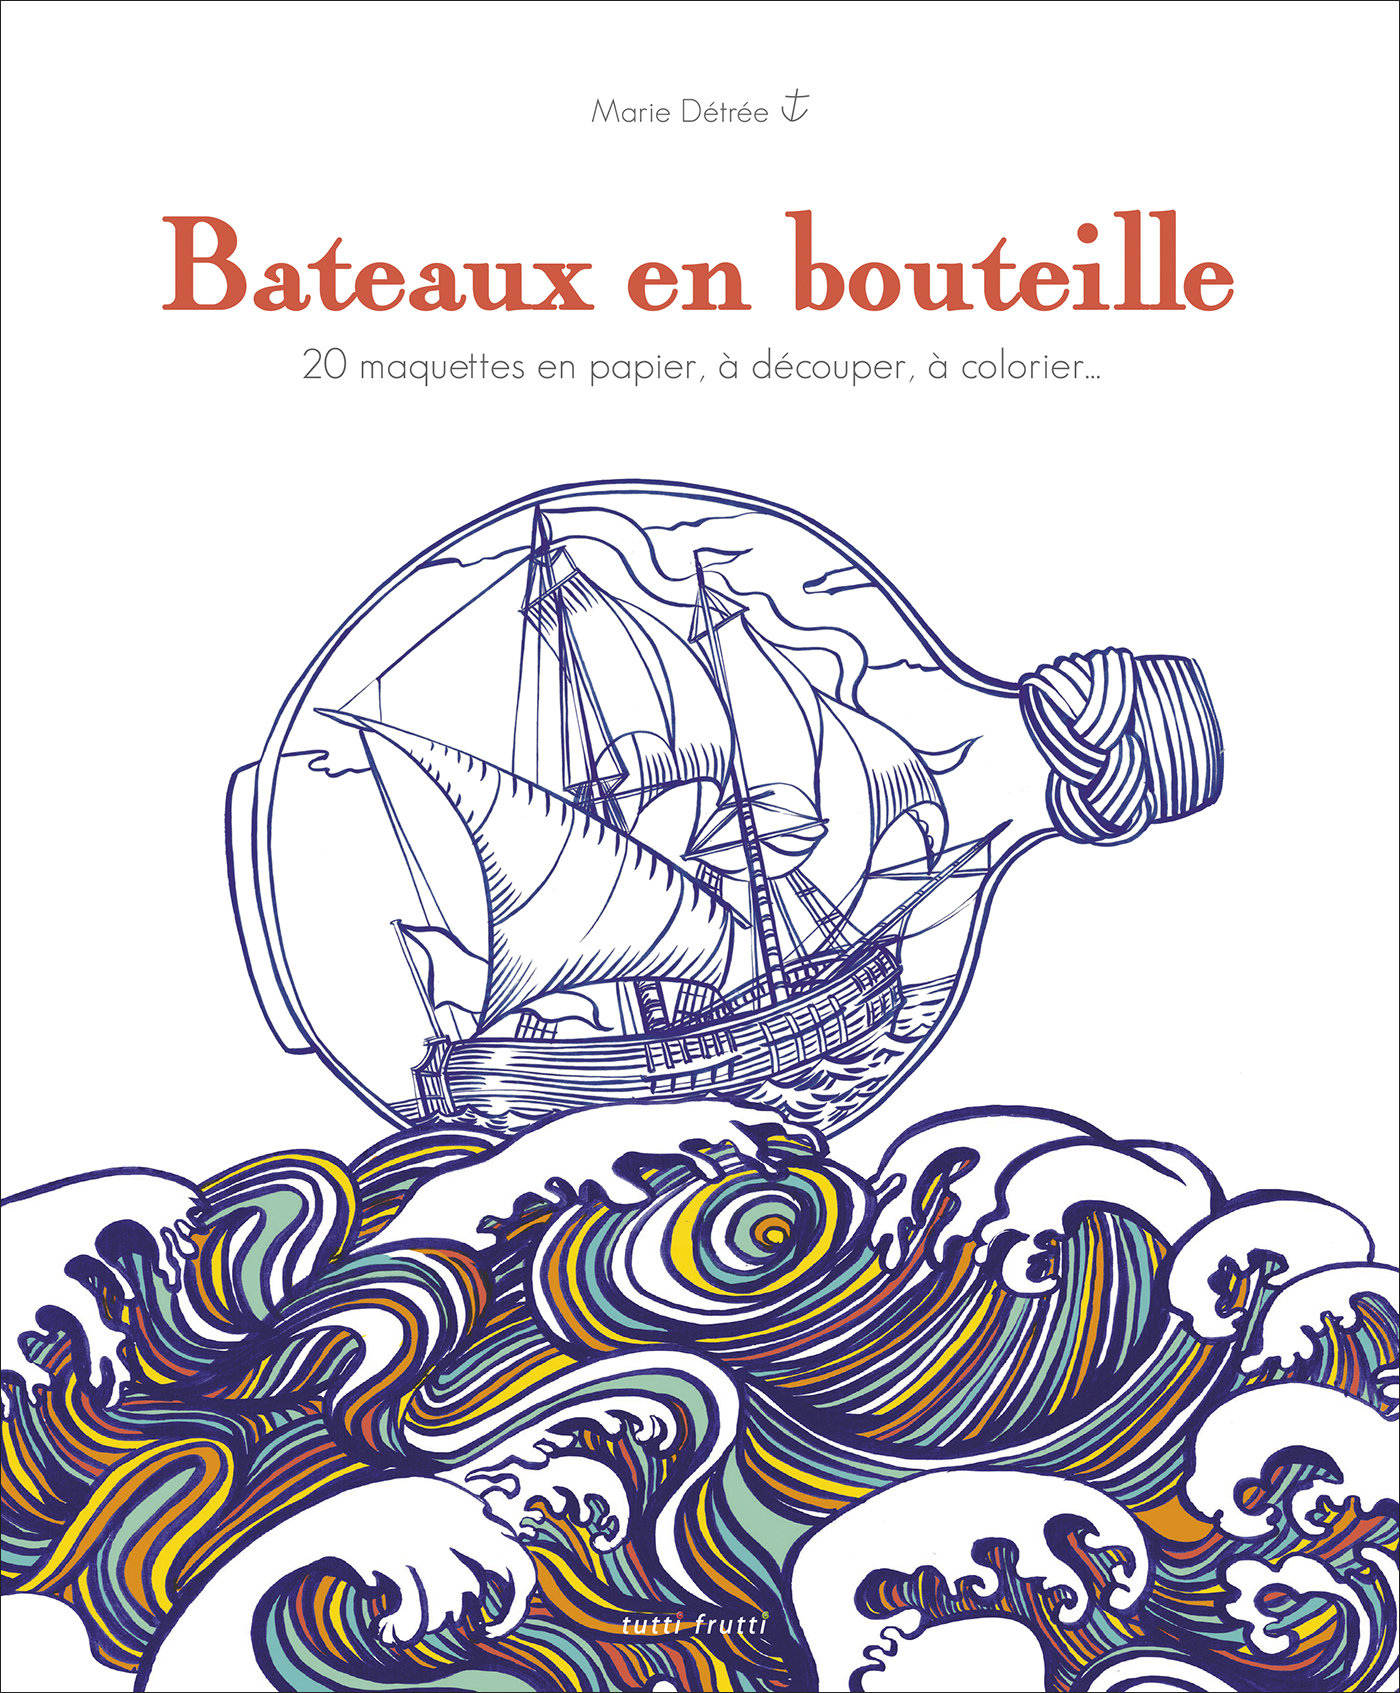 BATEAUX EN BOUTEILLE